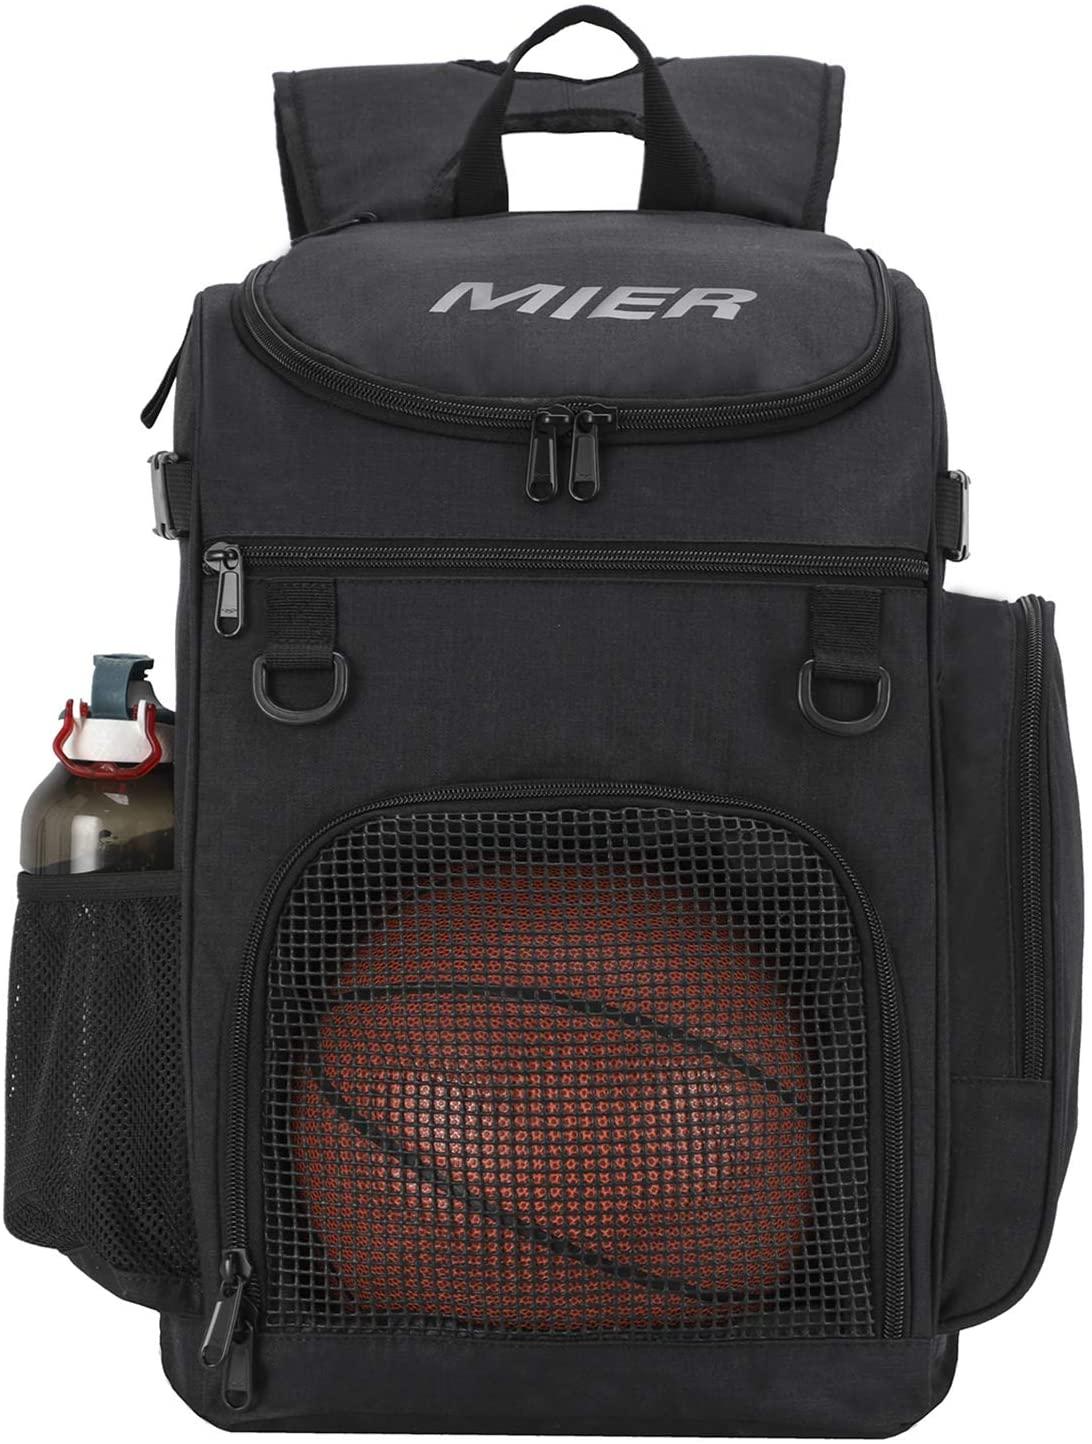 balo thể thao dành cho bóng rổ